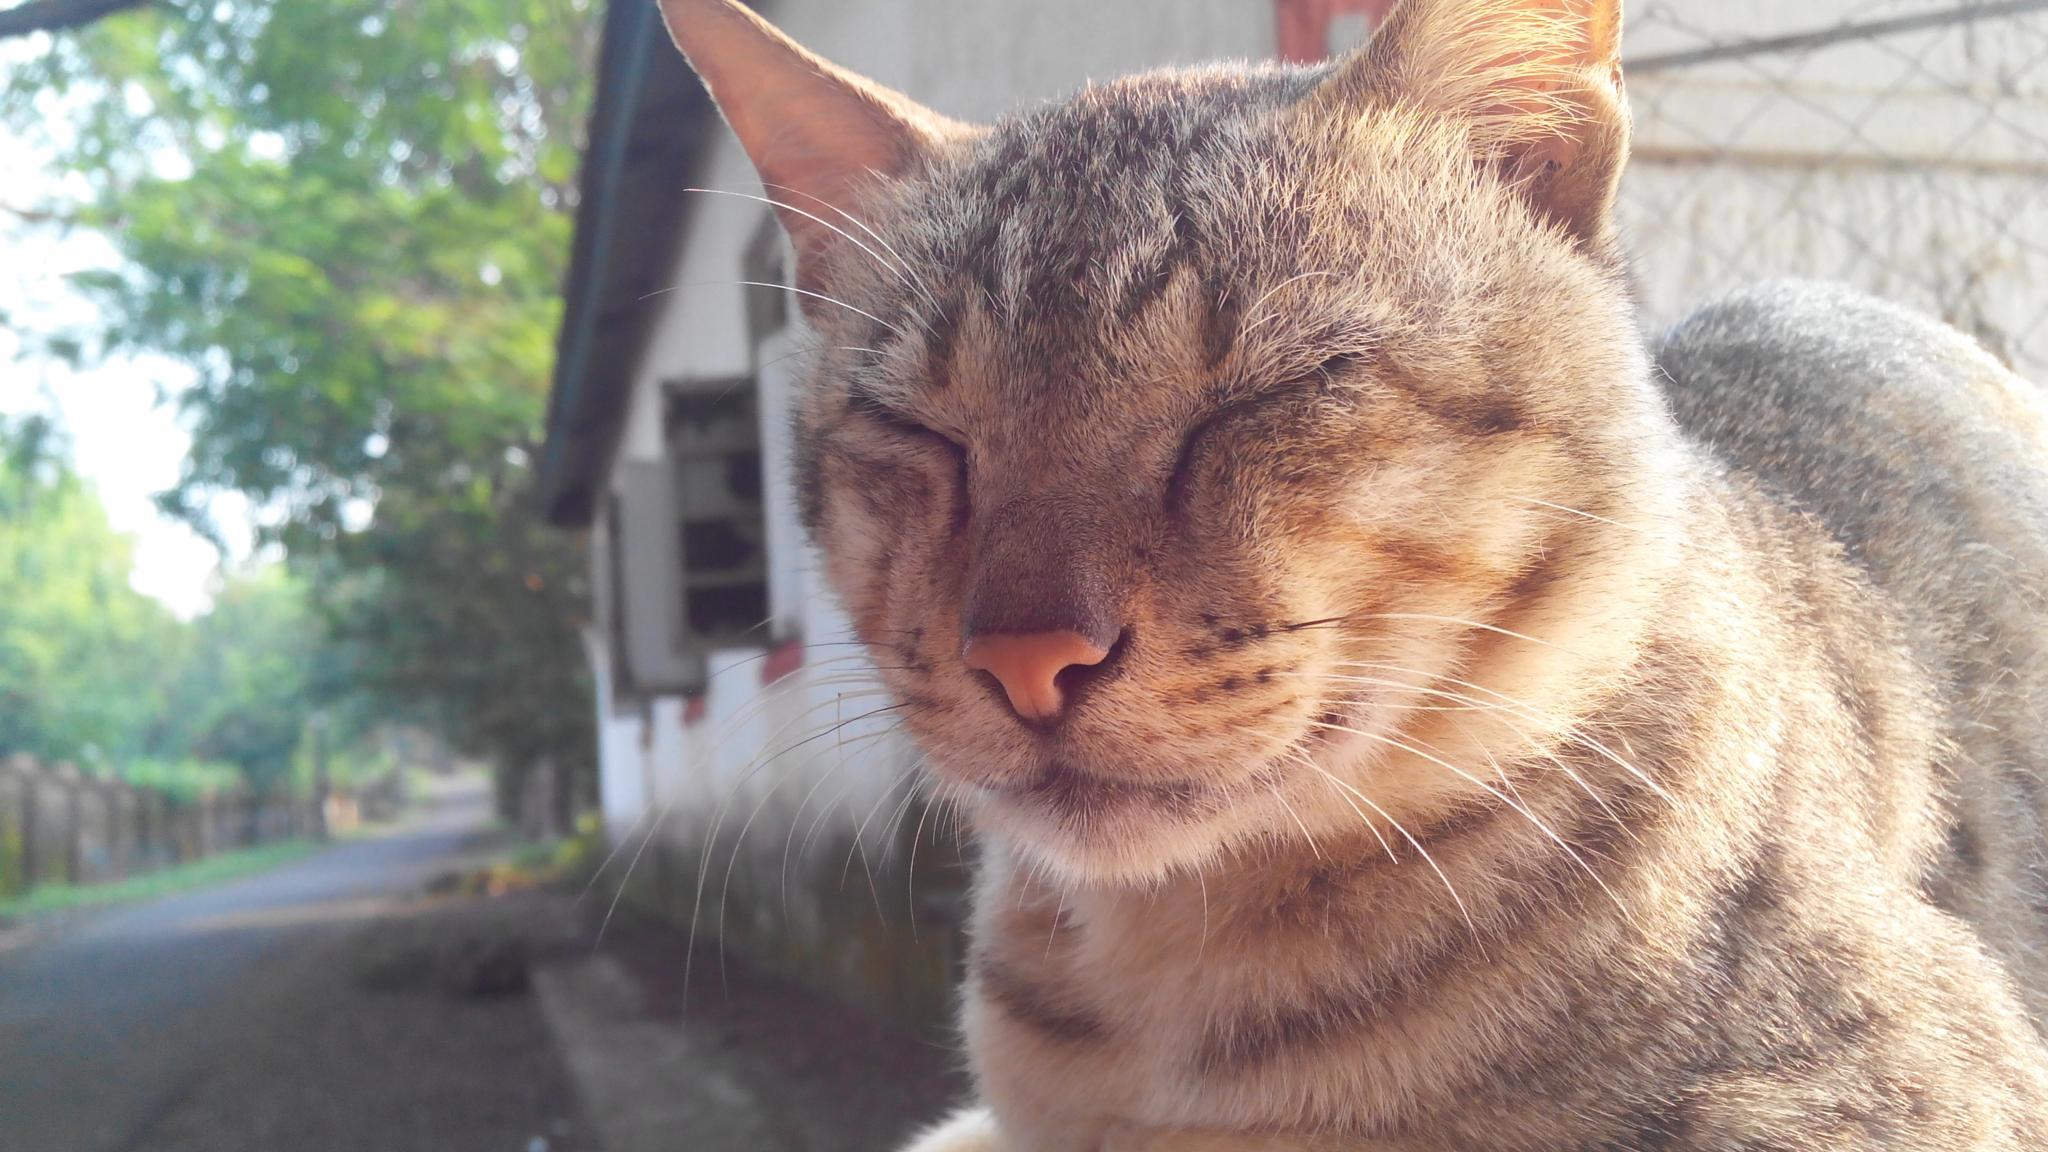 CAT by sumit jaiswar